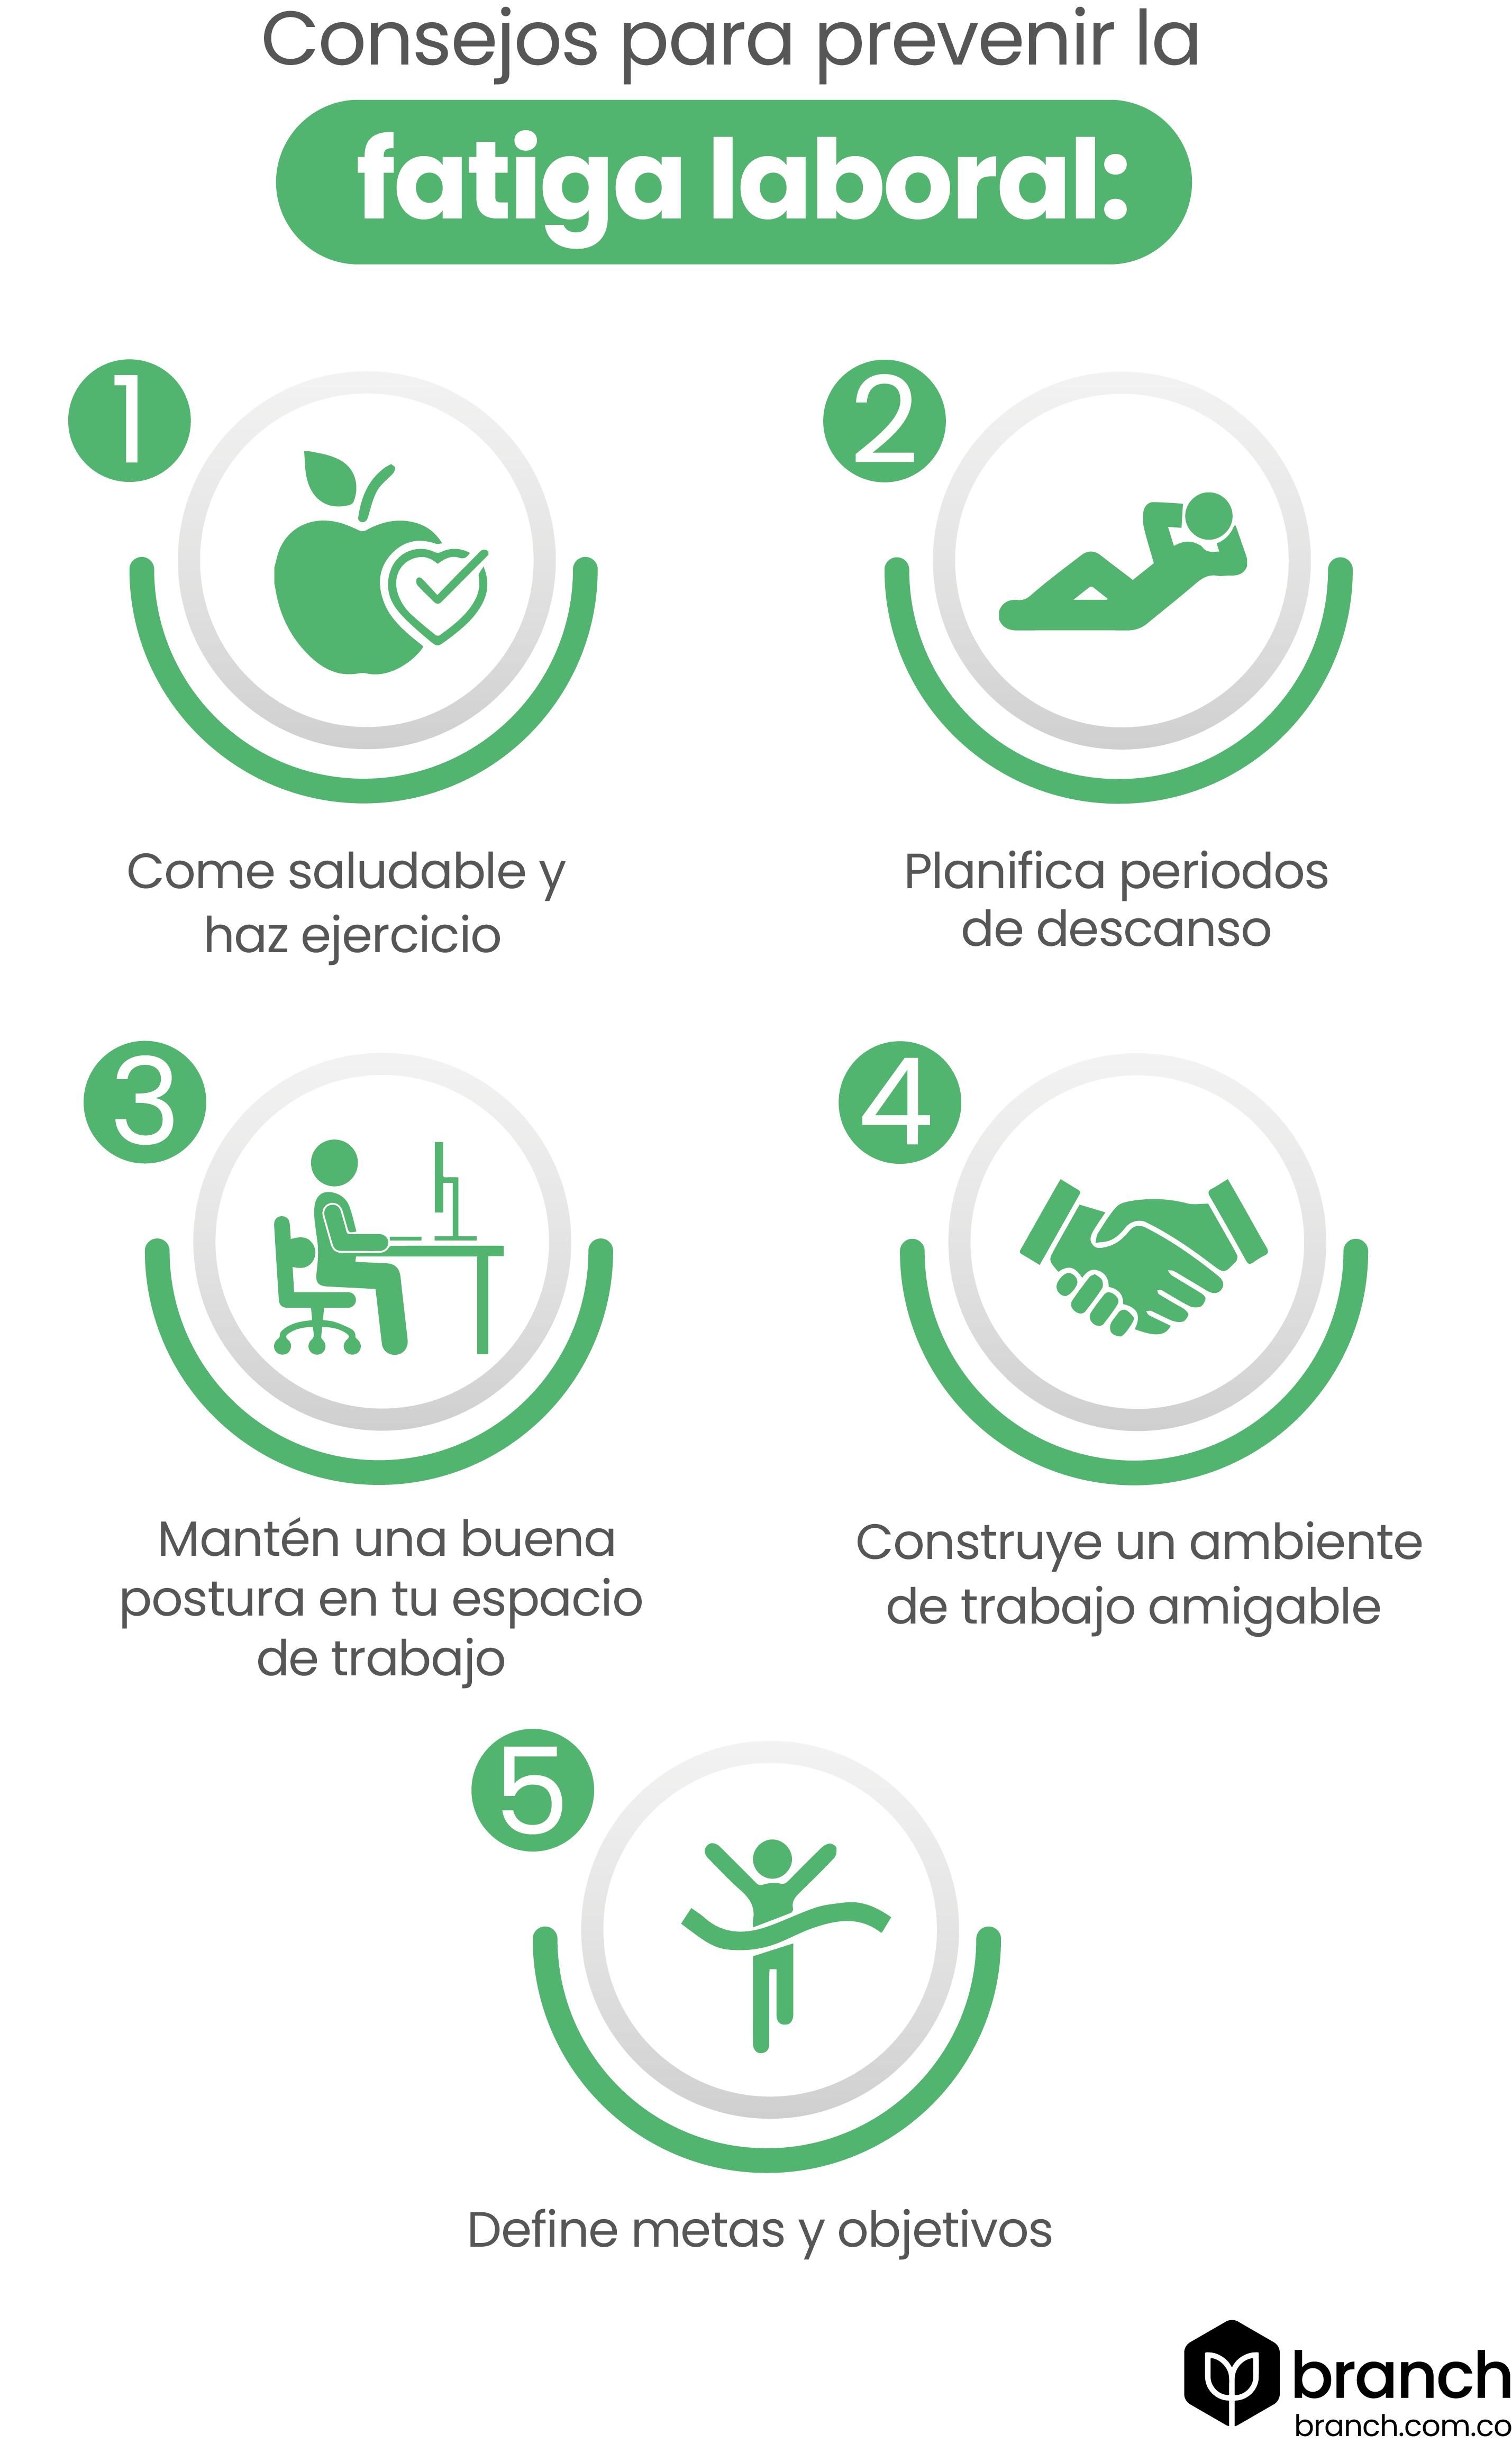 consejos-para-prevenir-la-fatiga-laboral